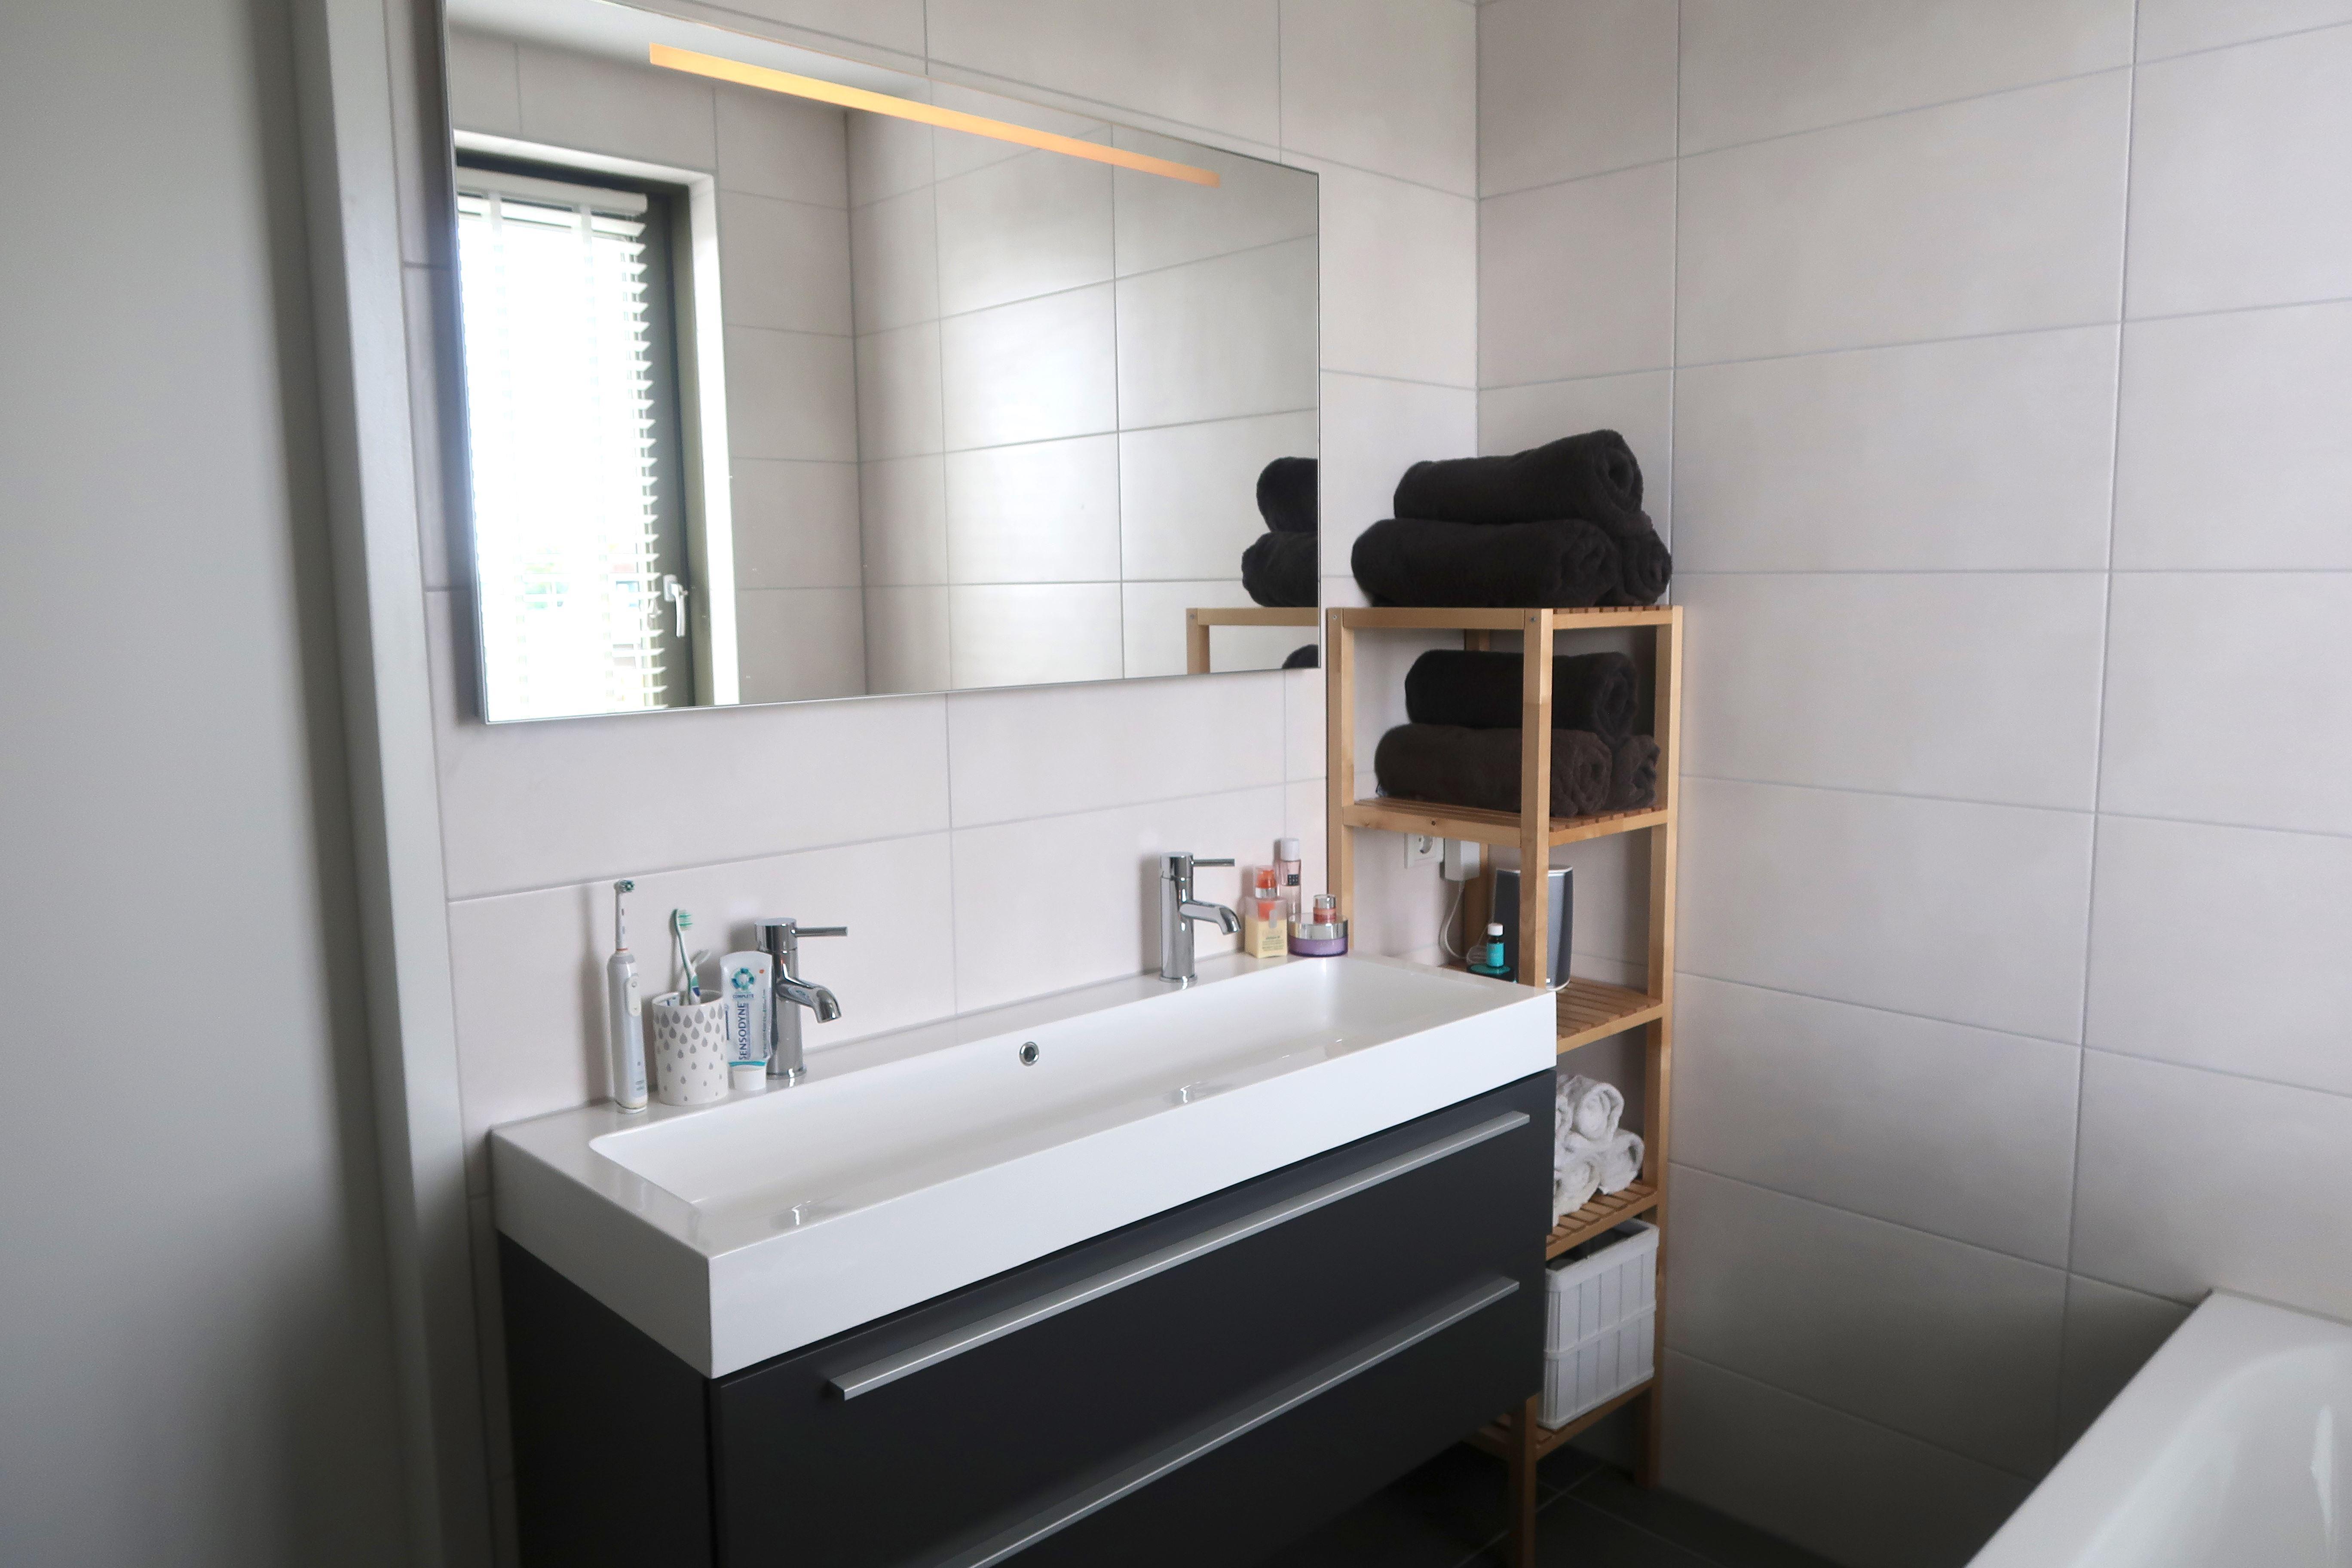 Onze nieuwe badkamer wastafel